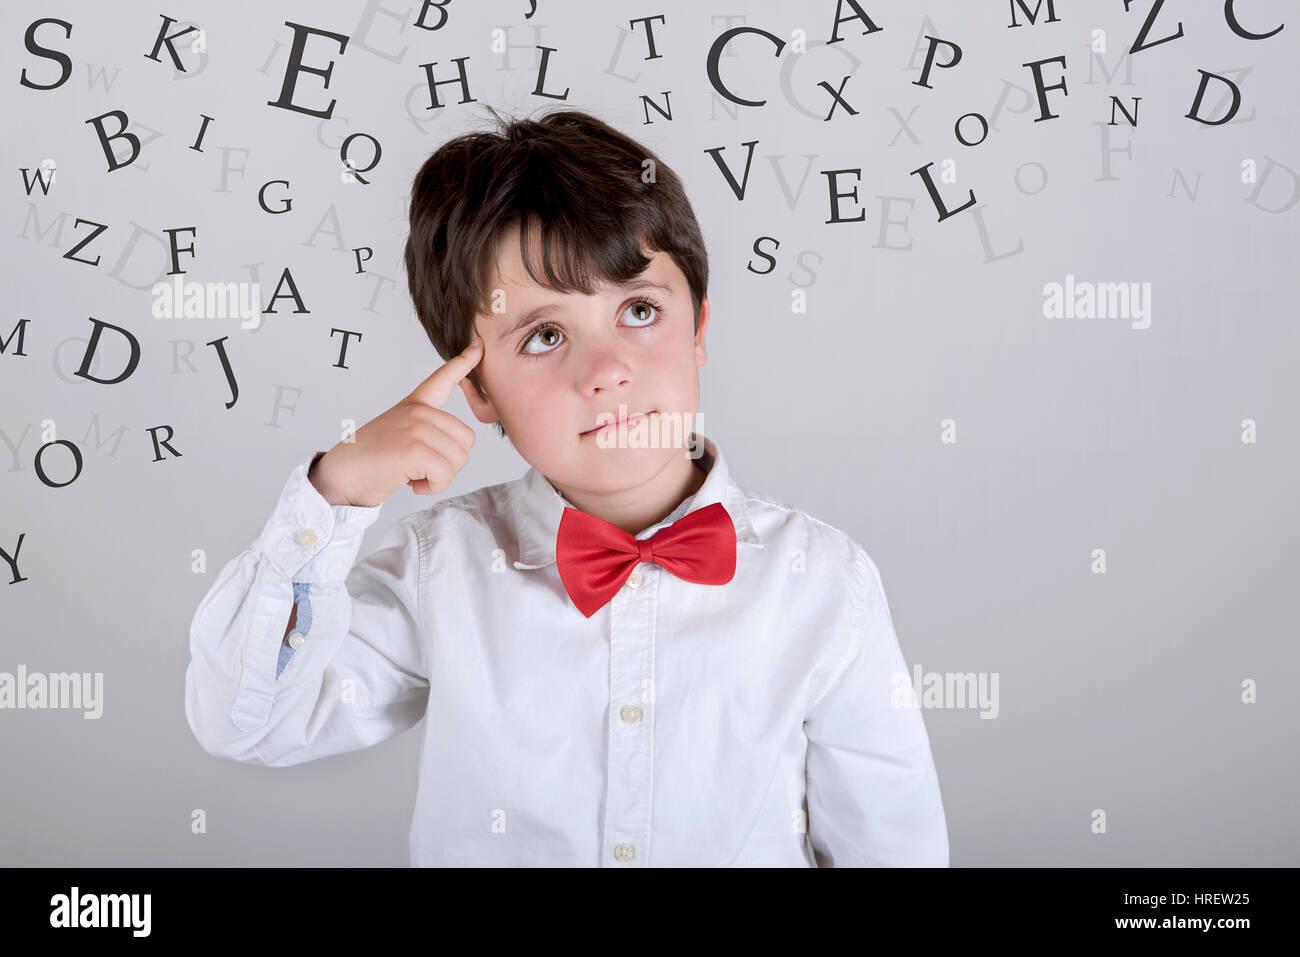 Alfabeto. Immagine composita di pensosa boy Immagini Stock